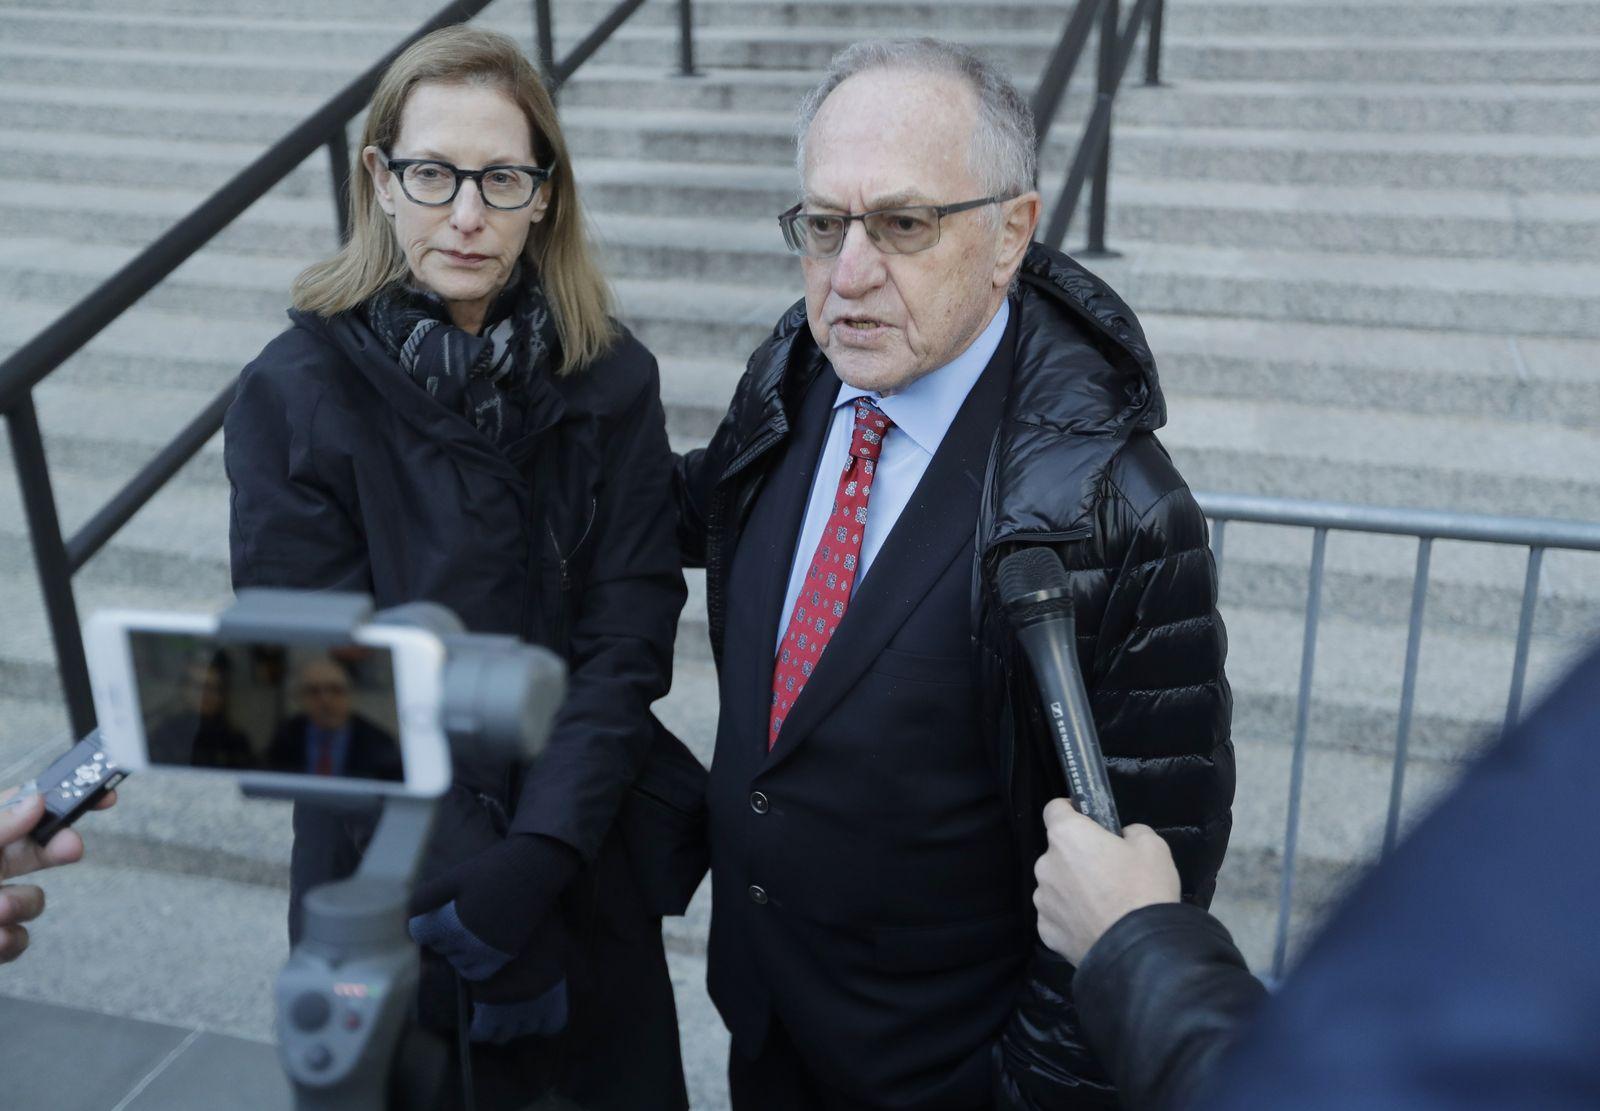 Dershowitz Epstein Sealed Documents